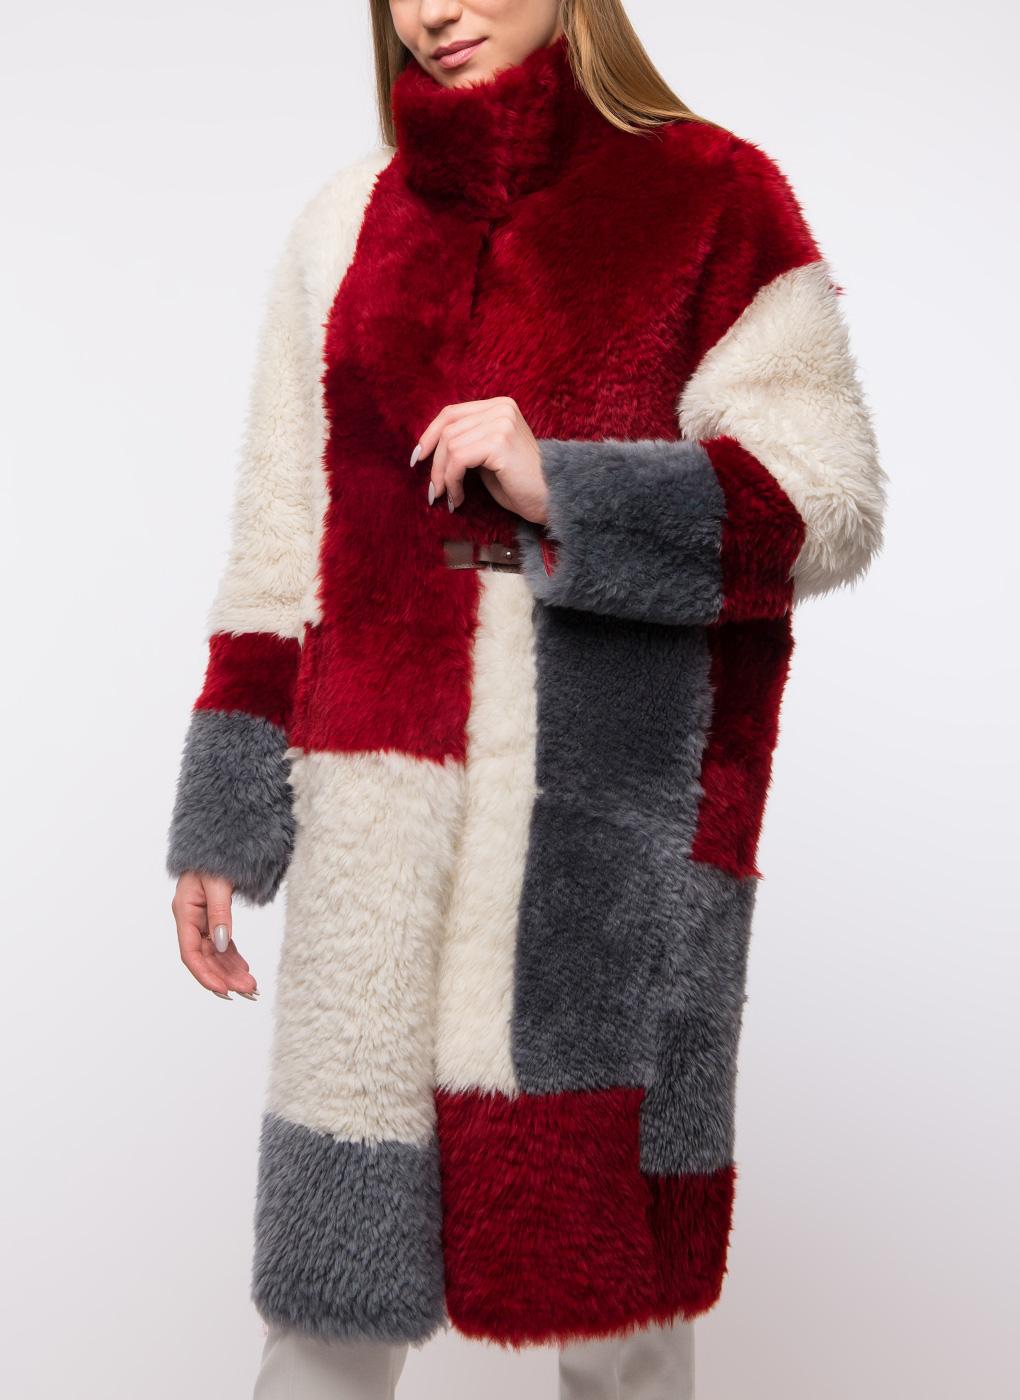 Пальто прямое из овчины 04, Perre фото